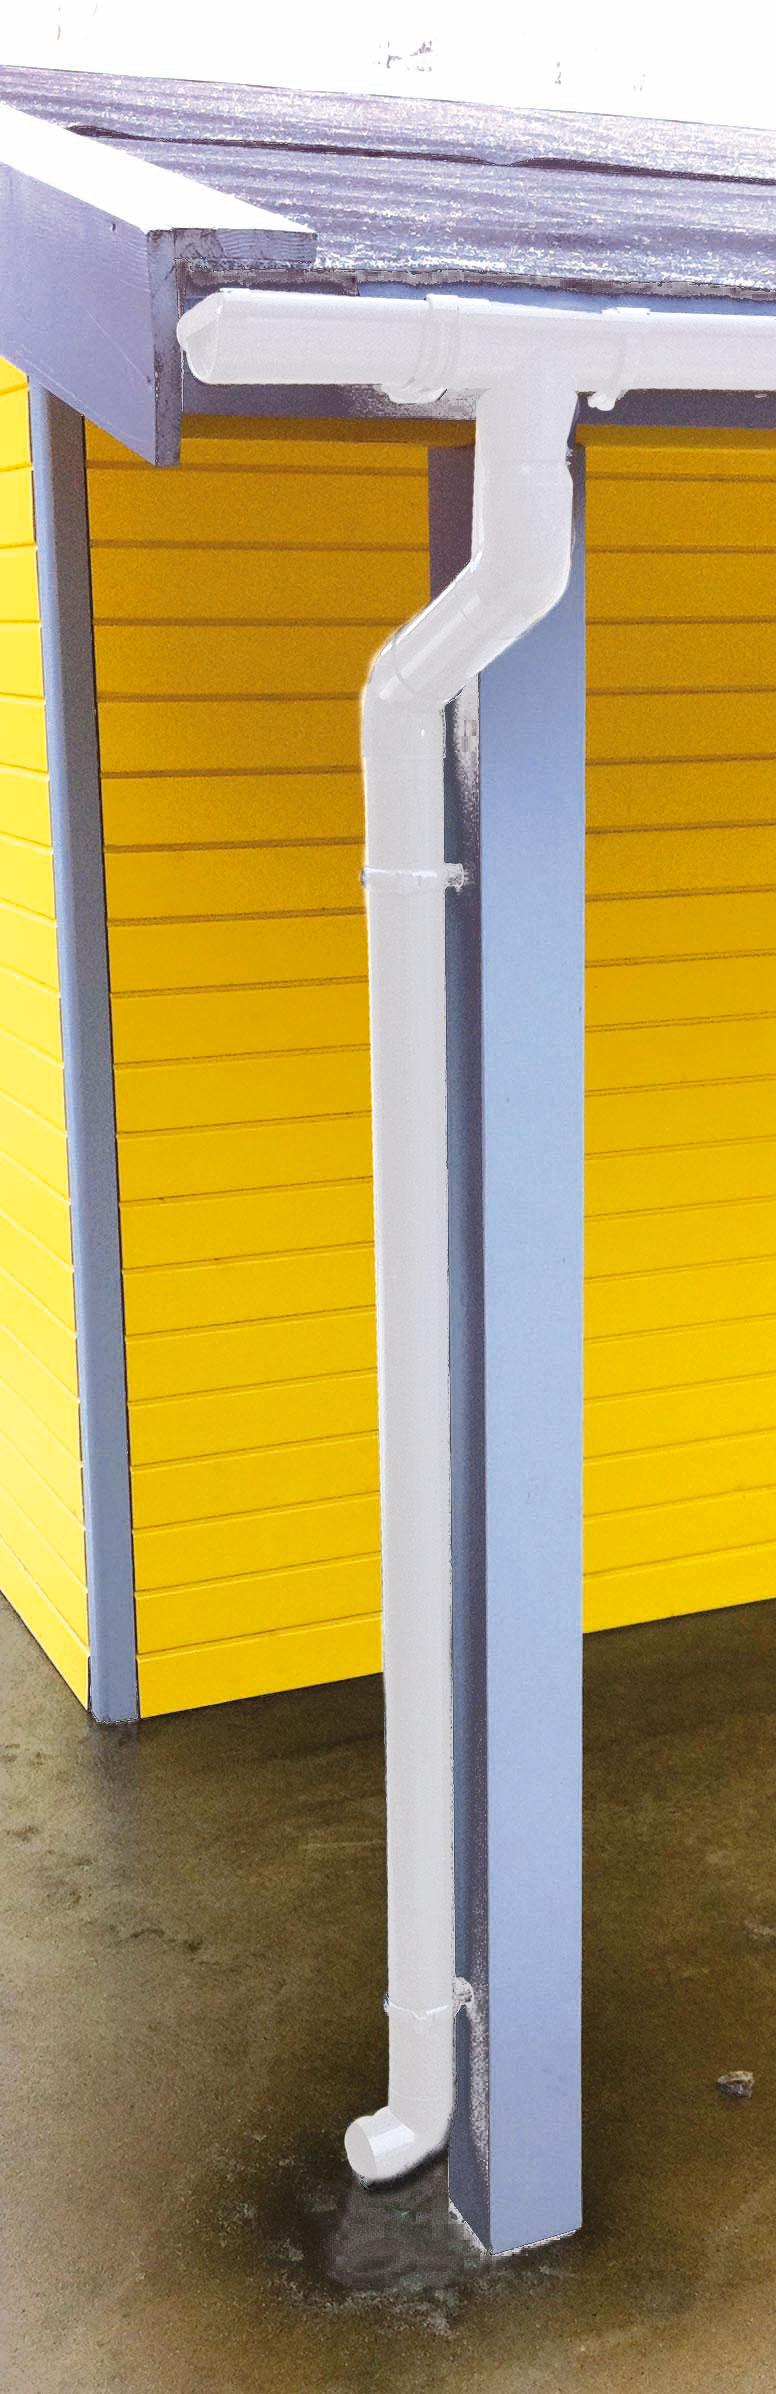 Dachrinnen Ergänzungsset RG80 410B Anbauten PVC Halter rund weiß Bild 1